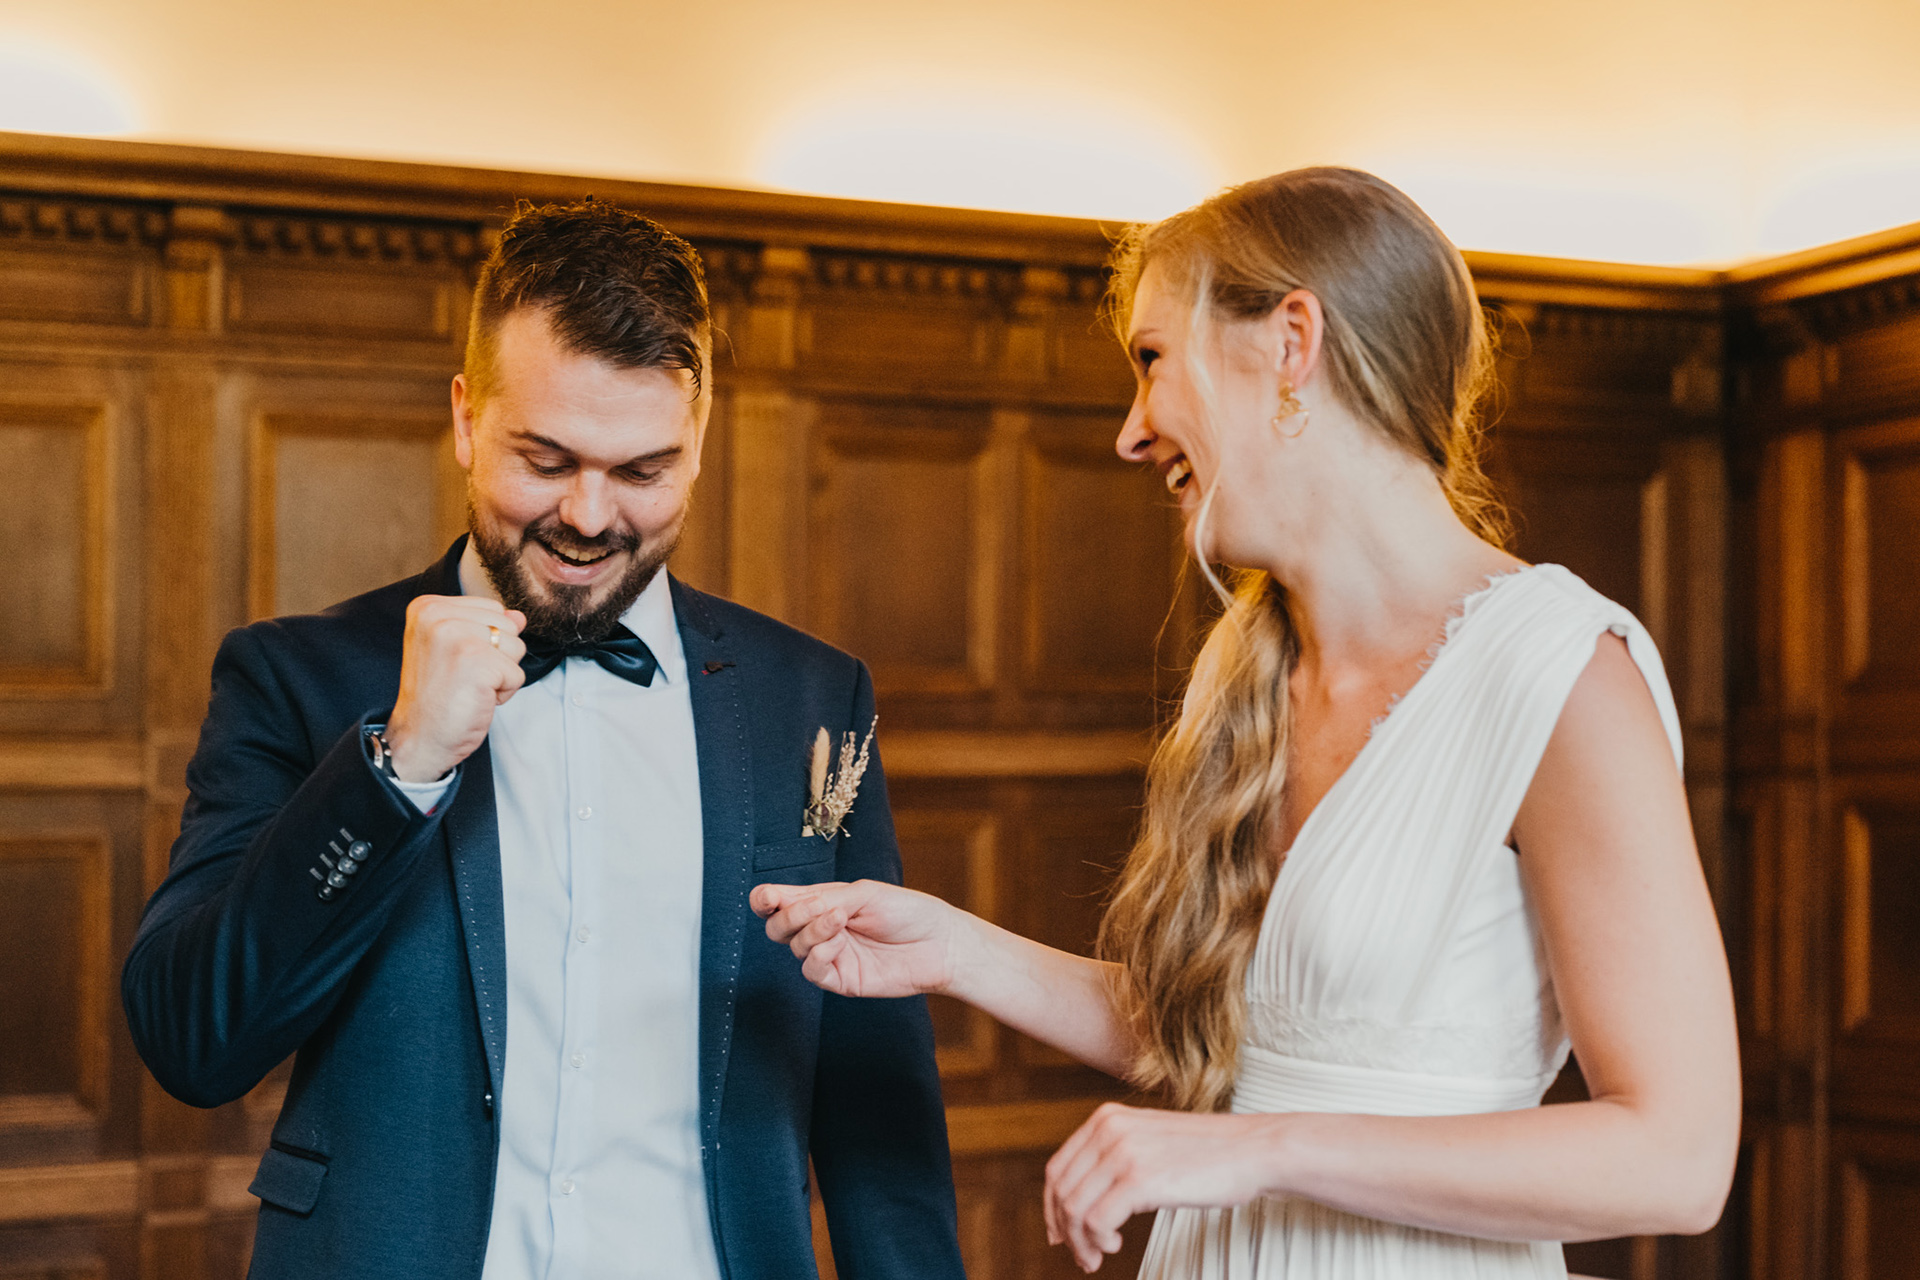 Standesamt Düsseldorf Ehe Nordrhein-Westfalen Bild | Der Bräutigam pumpt vor der standesamtlichen Zeremonie vor Aufregung mit der Faust